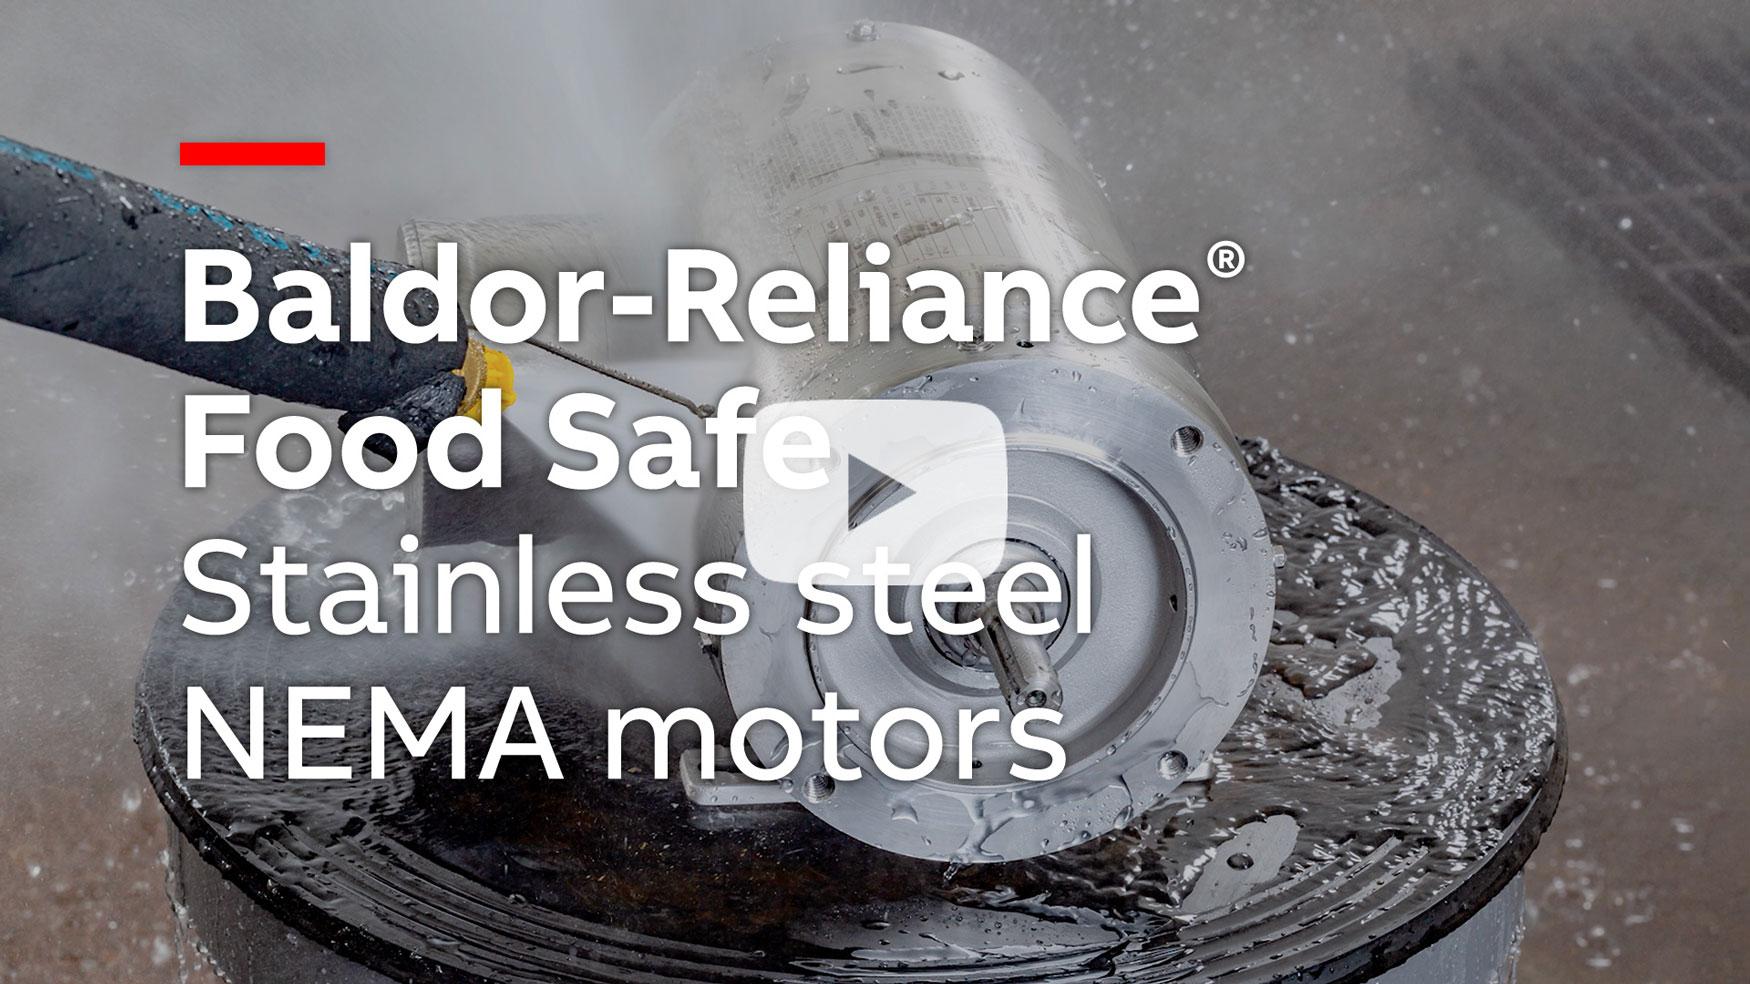 baldor reliance food safe stainless steel nema motors watch video [ 1750 x 984 Pixel ]